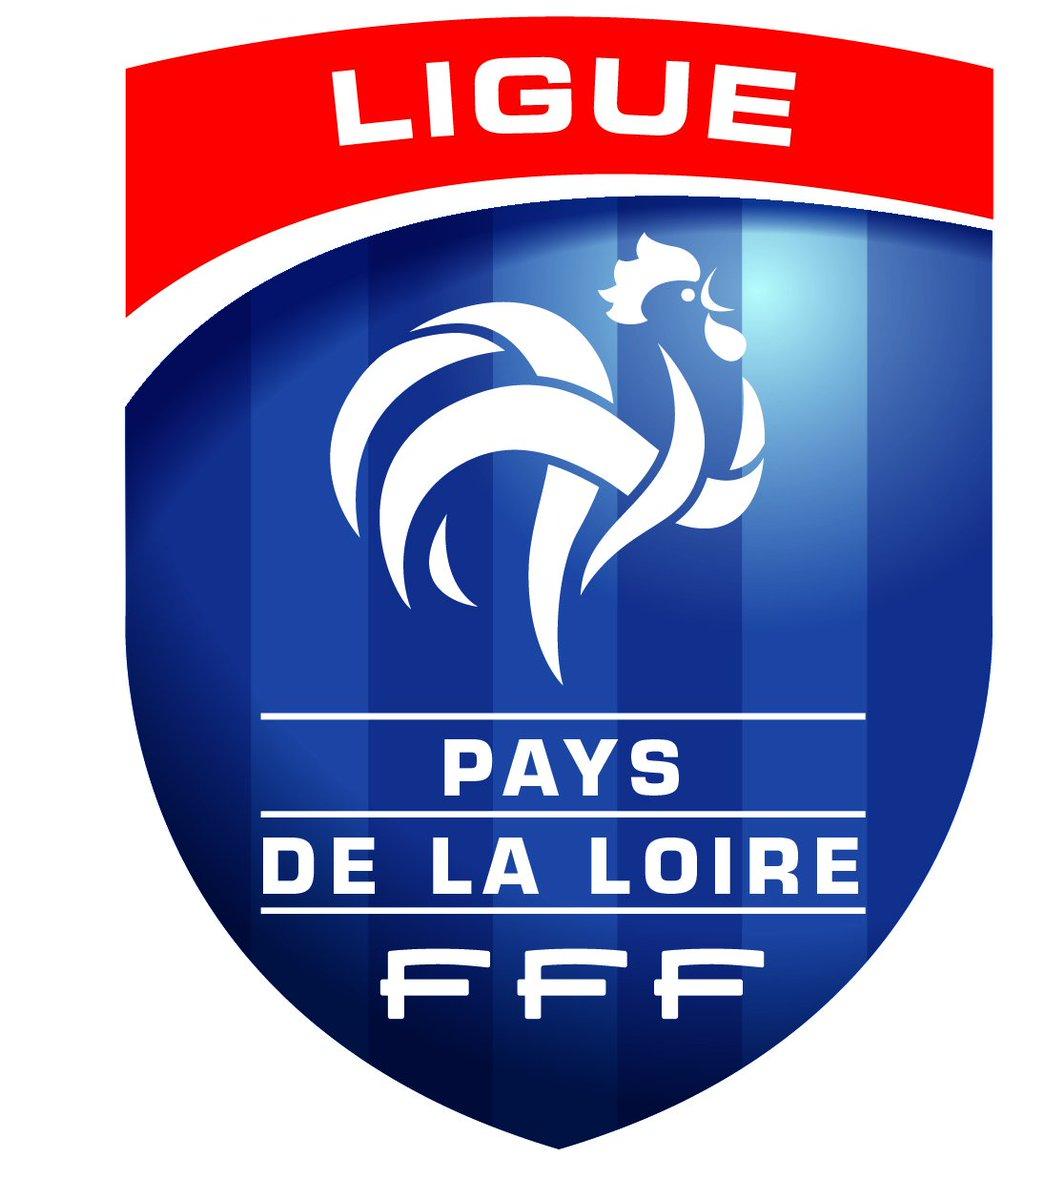 """Ligue de F tball des Pays de la Loire on Twitter: """"Nous sommes heureux de  vous dévoiler officiellement le #logo de la Ligue de Football des Pays de  la Loire #LFPL @LigueFootLFPL…"""